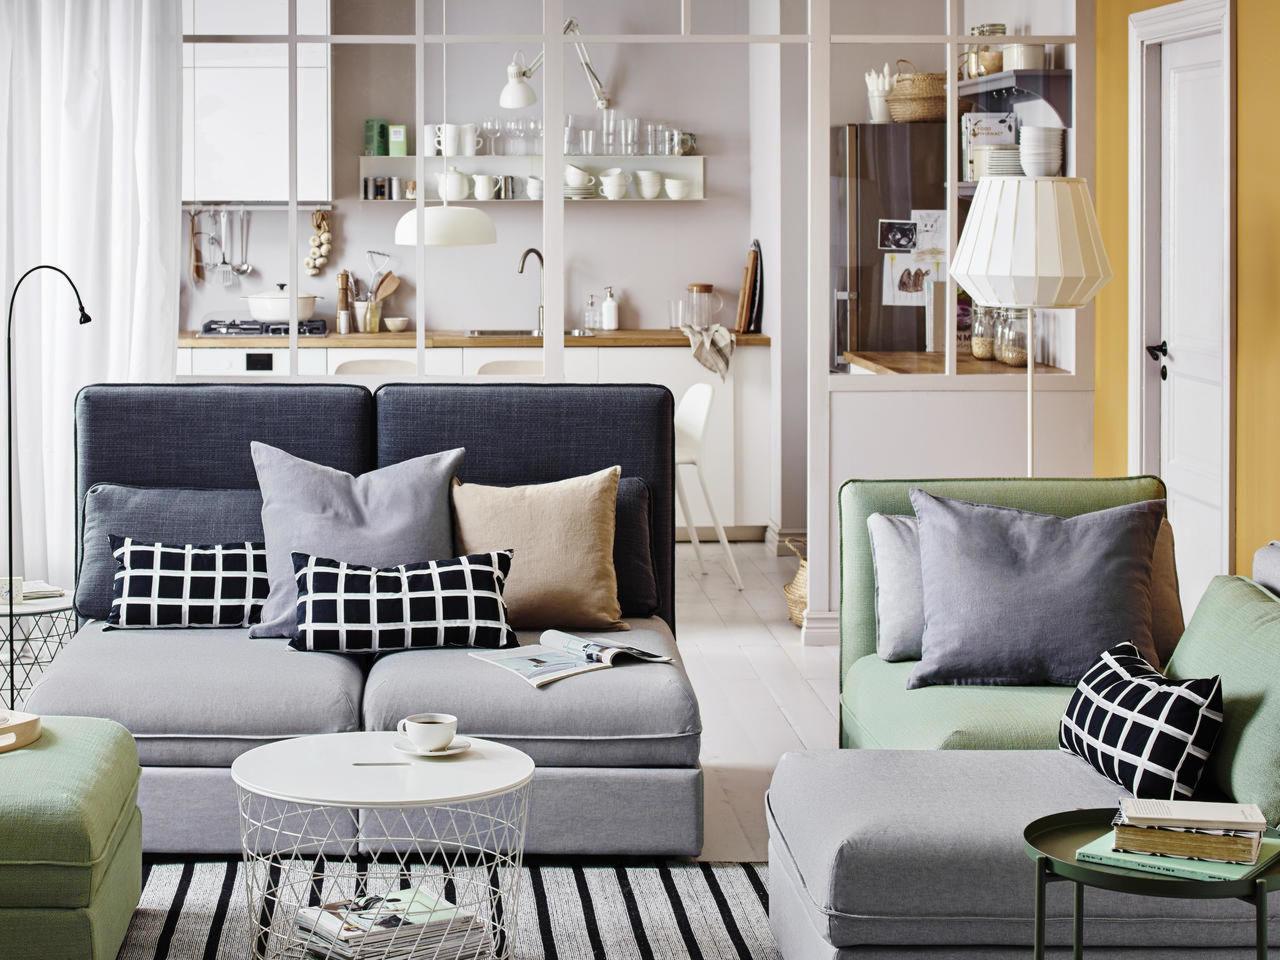 catalogue promotionnel ikea maroc pour les salons collection 2018 promotion au maroc. Black Bedroom Furniture Sets. Home Design Ideas